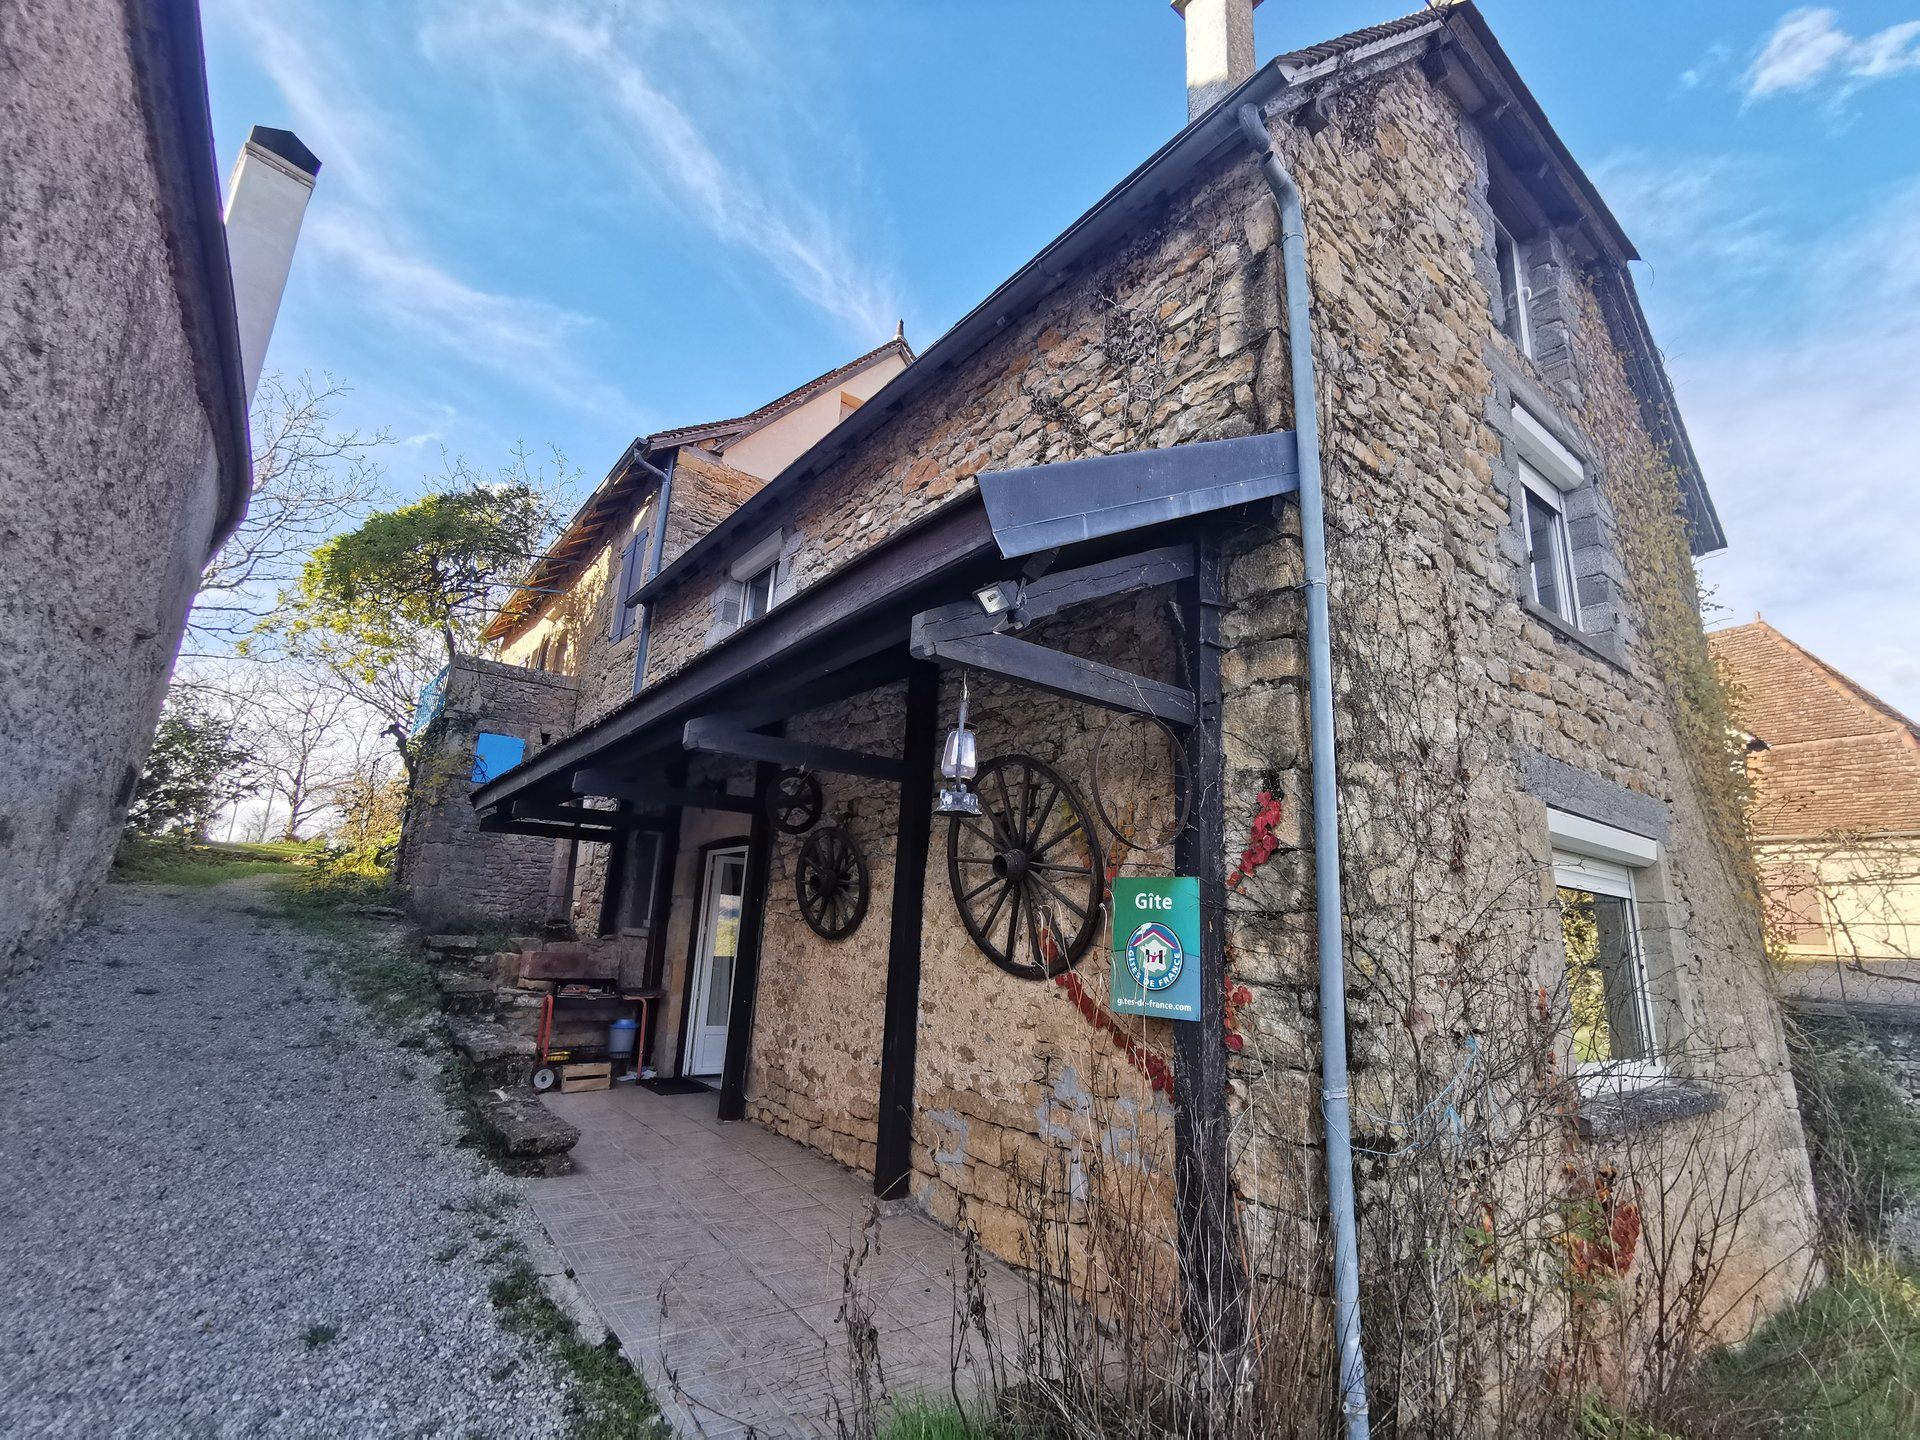 Verkauf Immobilie - Saint-Michel-Loubéjou